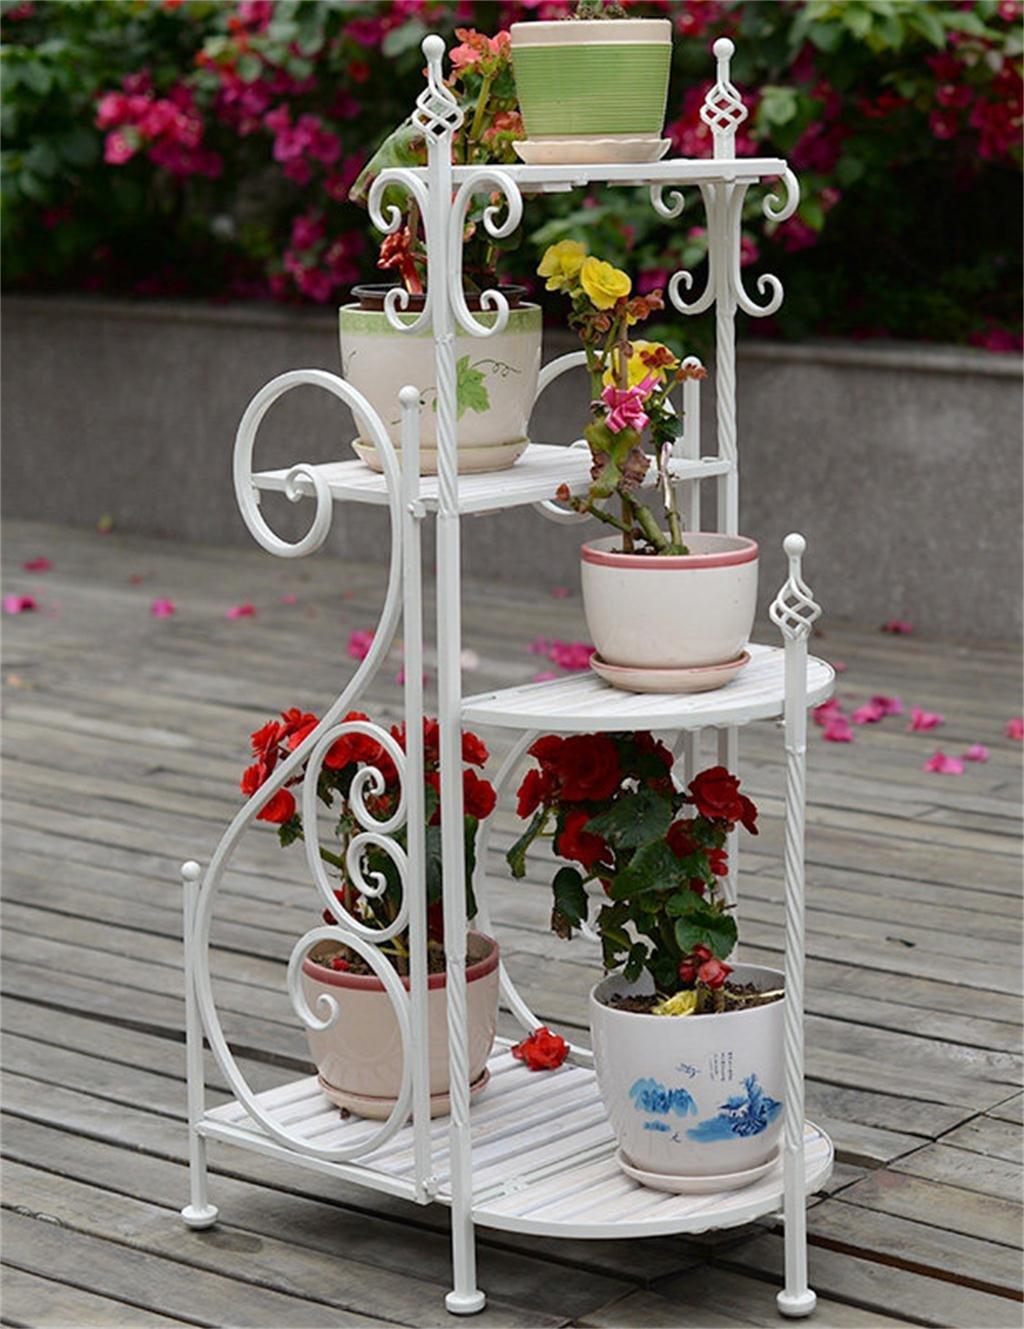 XYZ Europäische Fußboden-Eisen-Blumen-Topf-Regal-Wohnzimmer-Innen-Holz-Blumentöpfe-Halter, Standplatz Empfindlich haltbar ( farbe : Weiß )